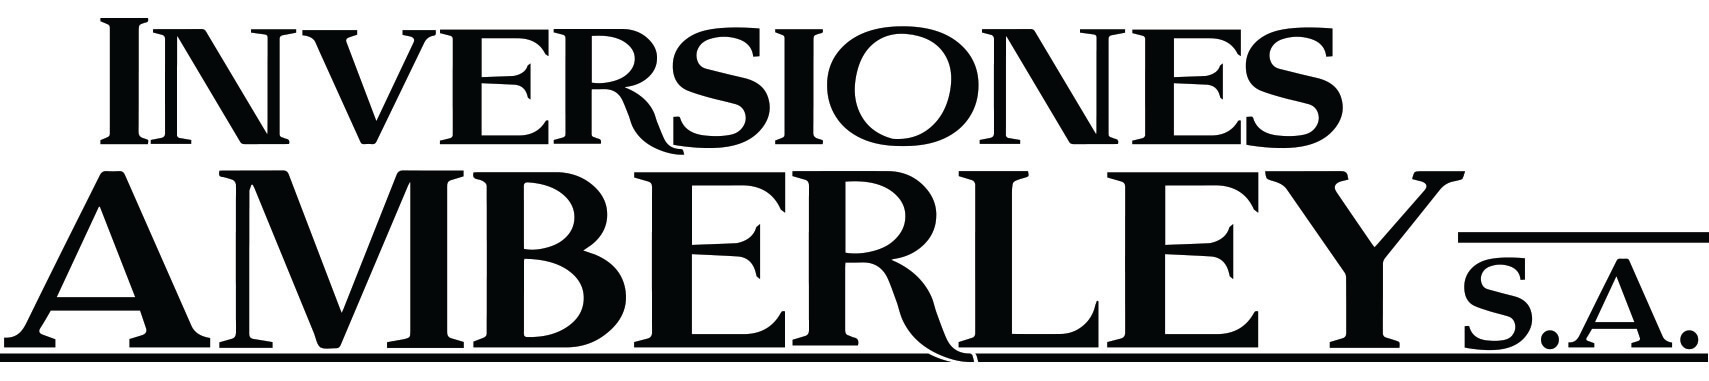 Logo de Inversiones Amberley, Sociedad Anónima